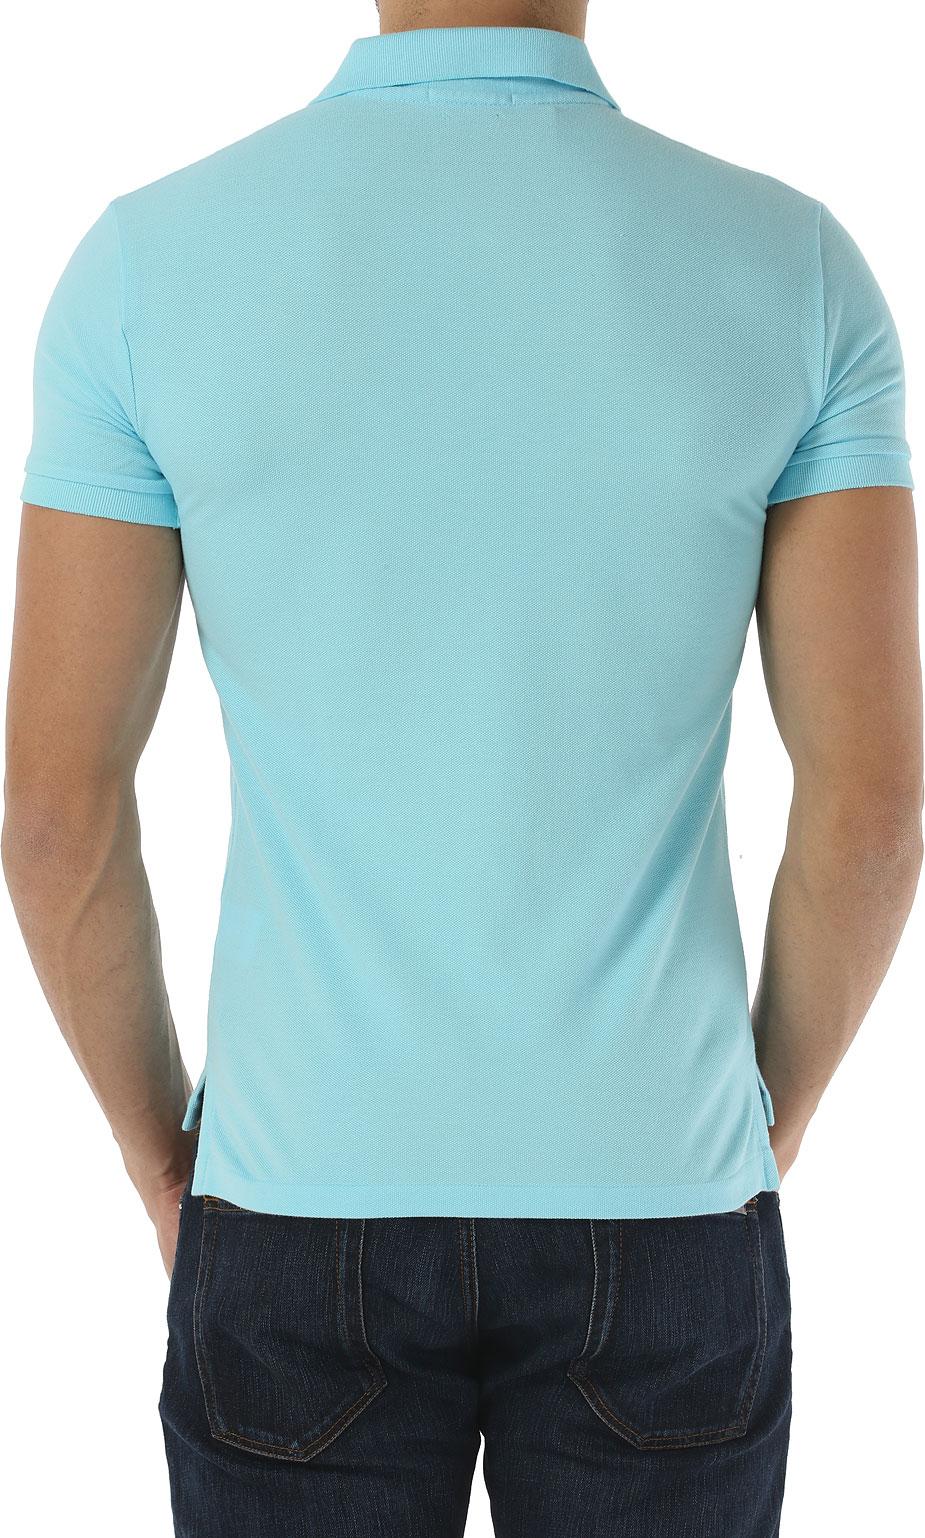 Abbigliamento Uomo Ralph Lauren, Codice Articolo: a12kaa10-c8312-b44j0